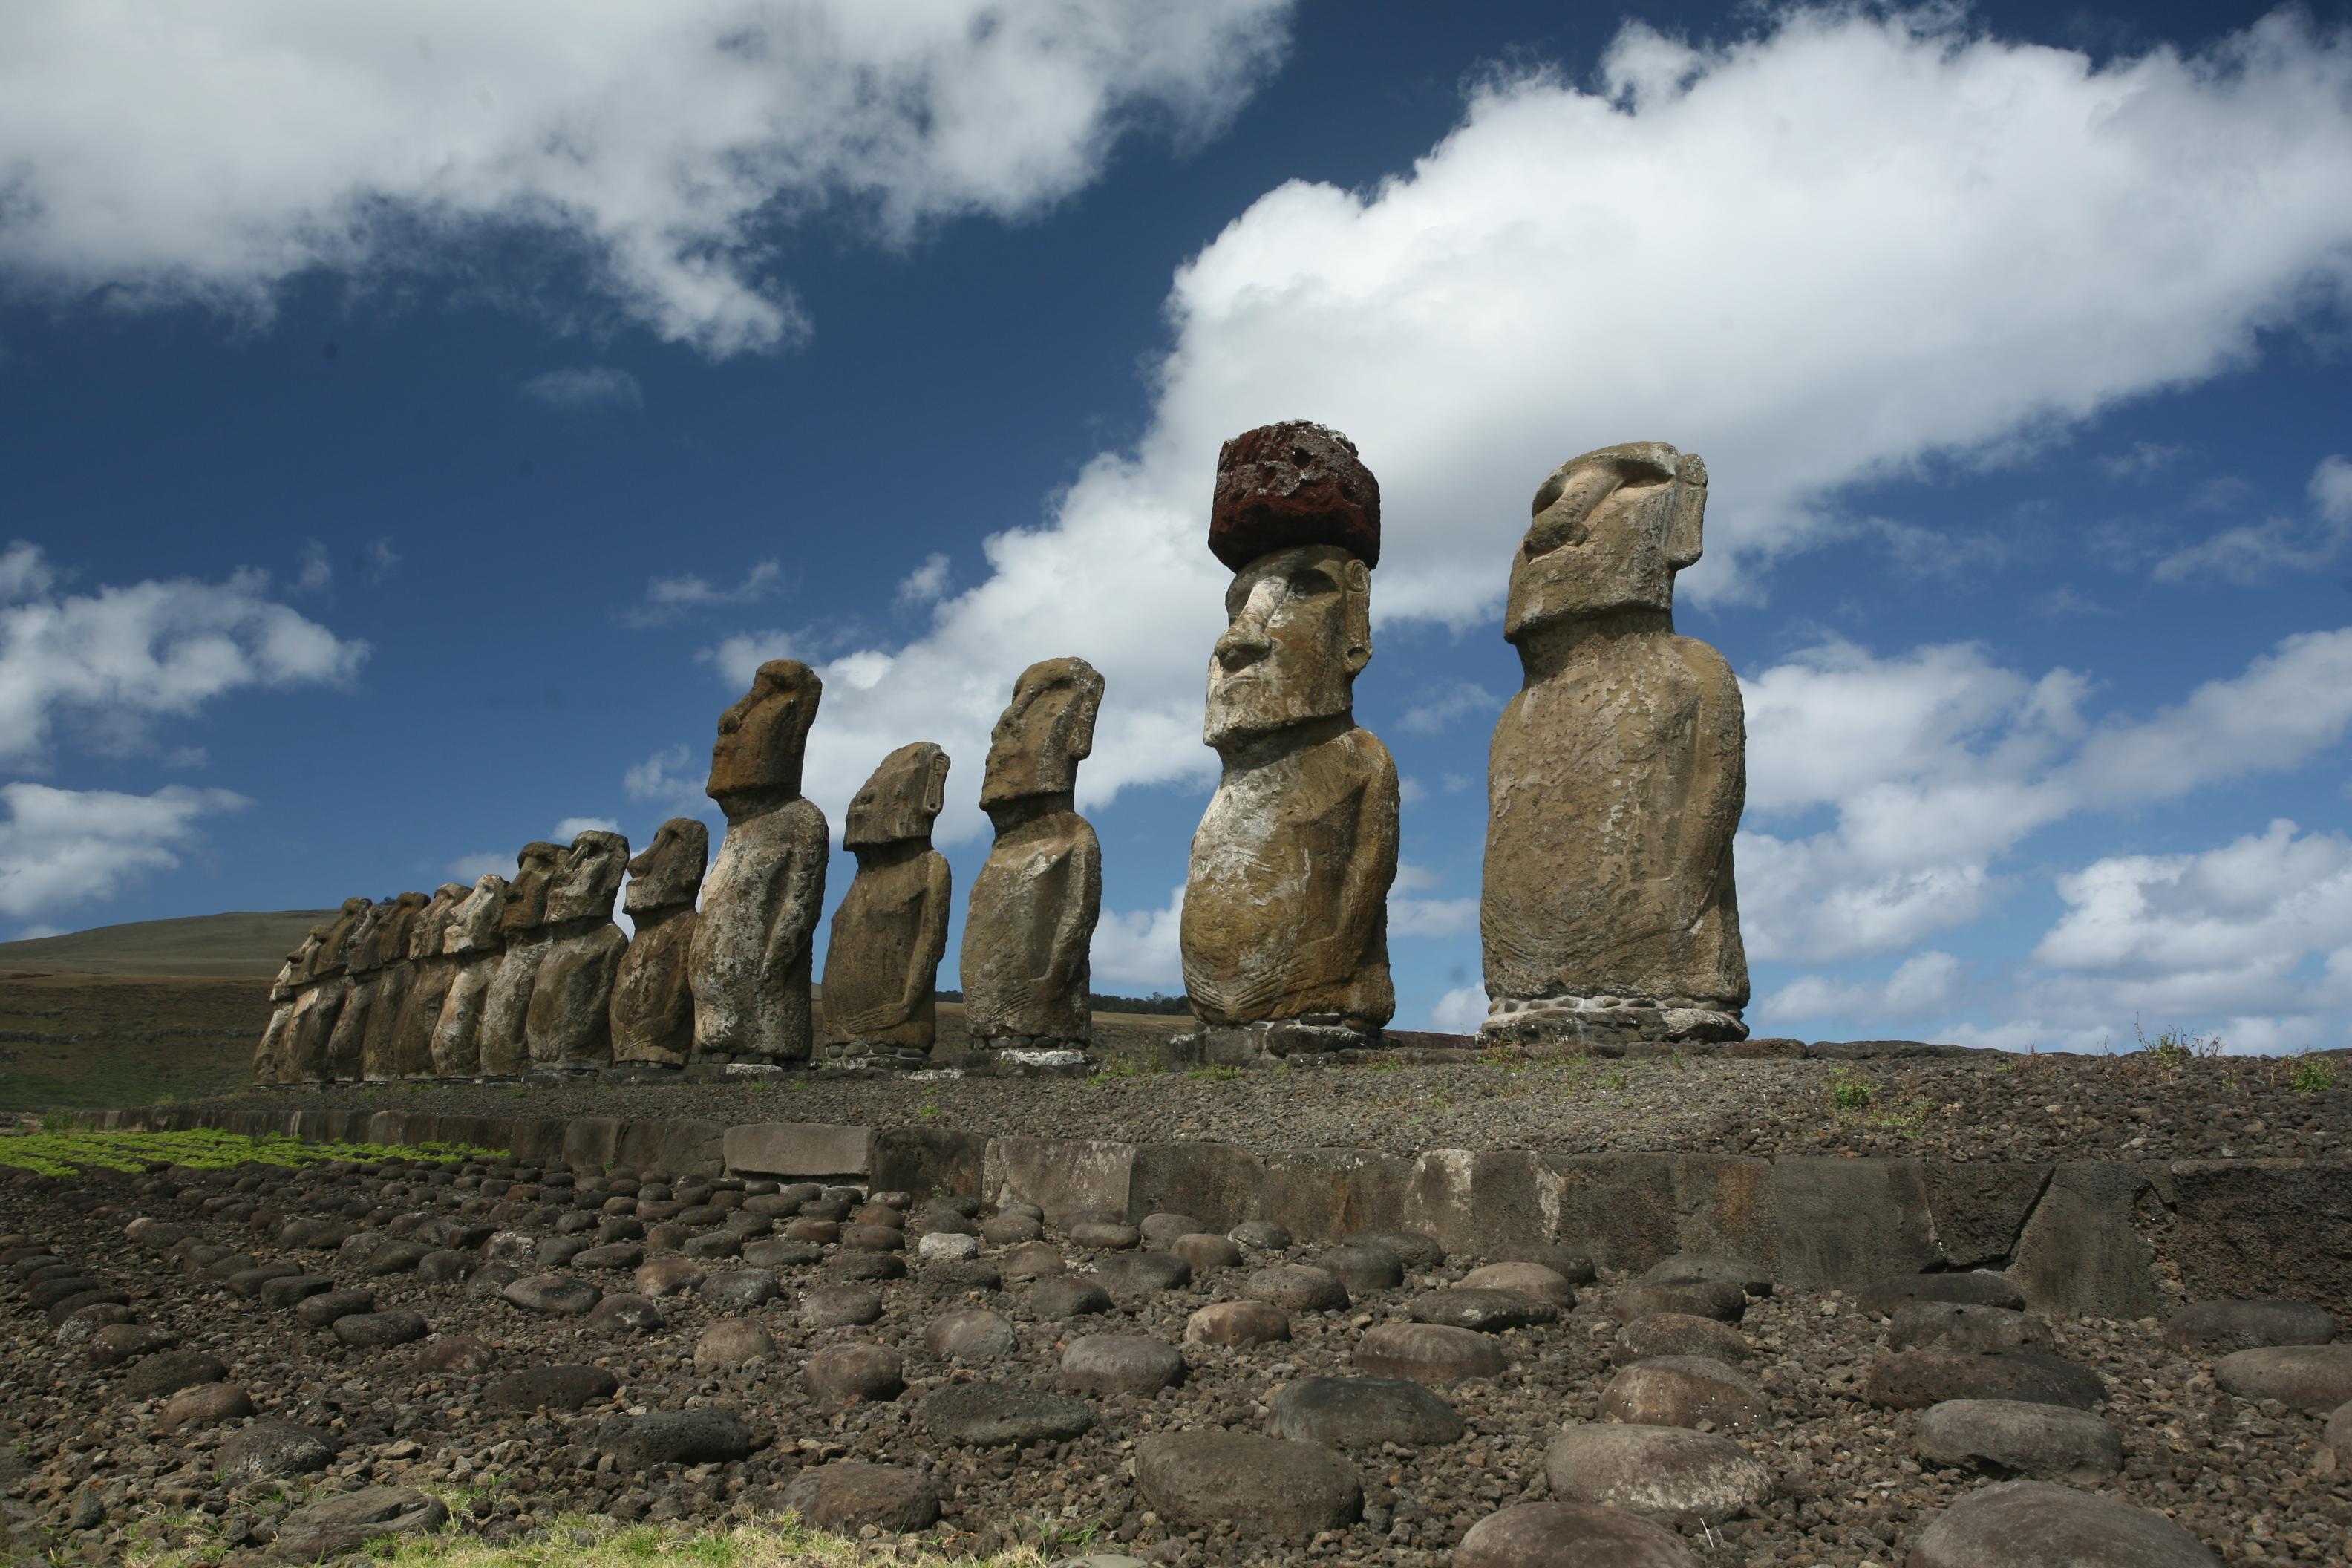 La théorie selon laquelle ce sont des Indiens venus de l'Amérique du Sud qui ont sculpté les moai de l'île de Pâques est certes plaisante, mais les statues sont bien antérieures à 1450. Et dire que ce sont des étrangers qui les ont réalisées, c'est nier toute la créativité des Polynésiens qui peuplaient l'île depuis longtemps.